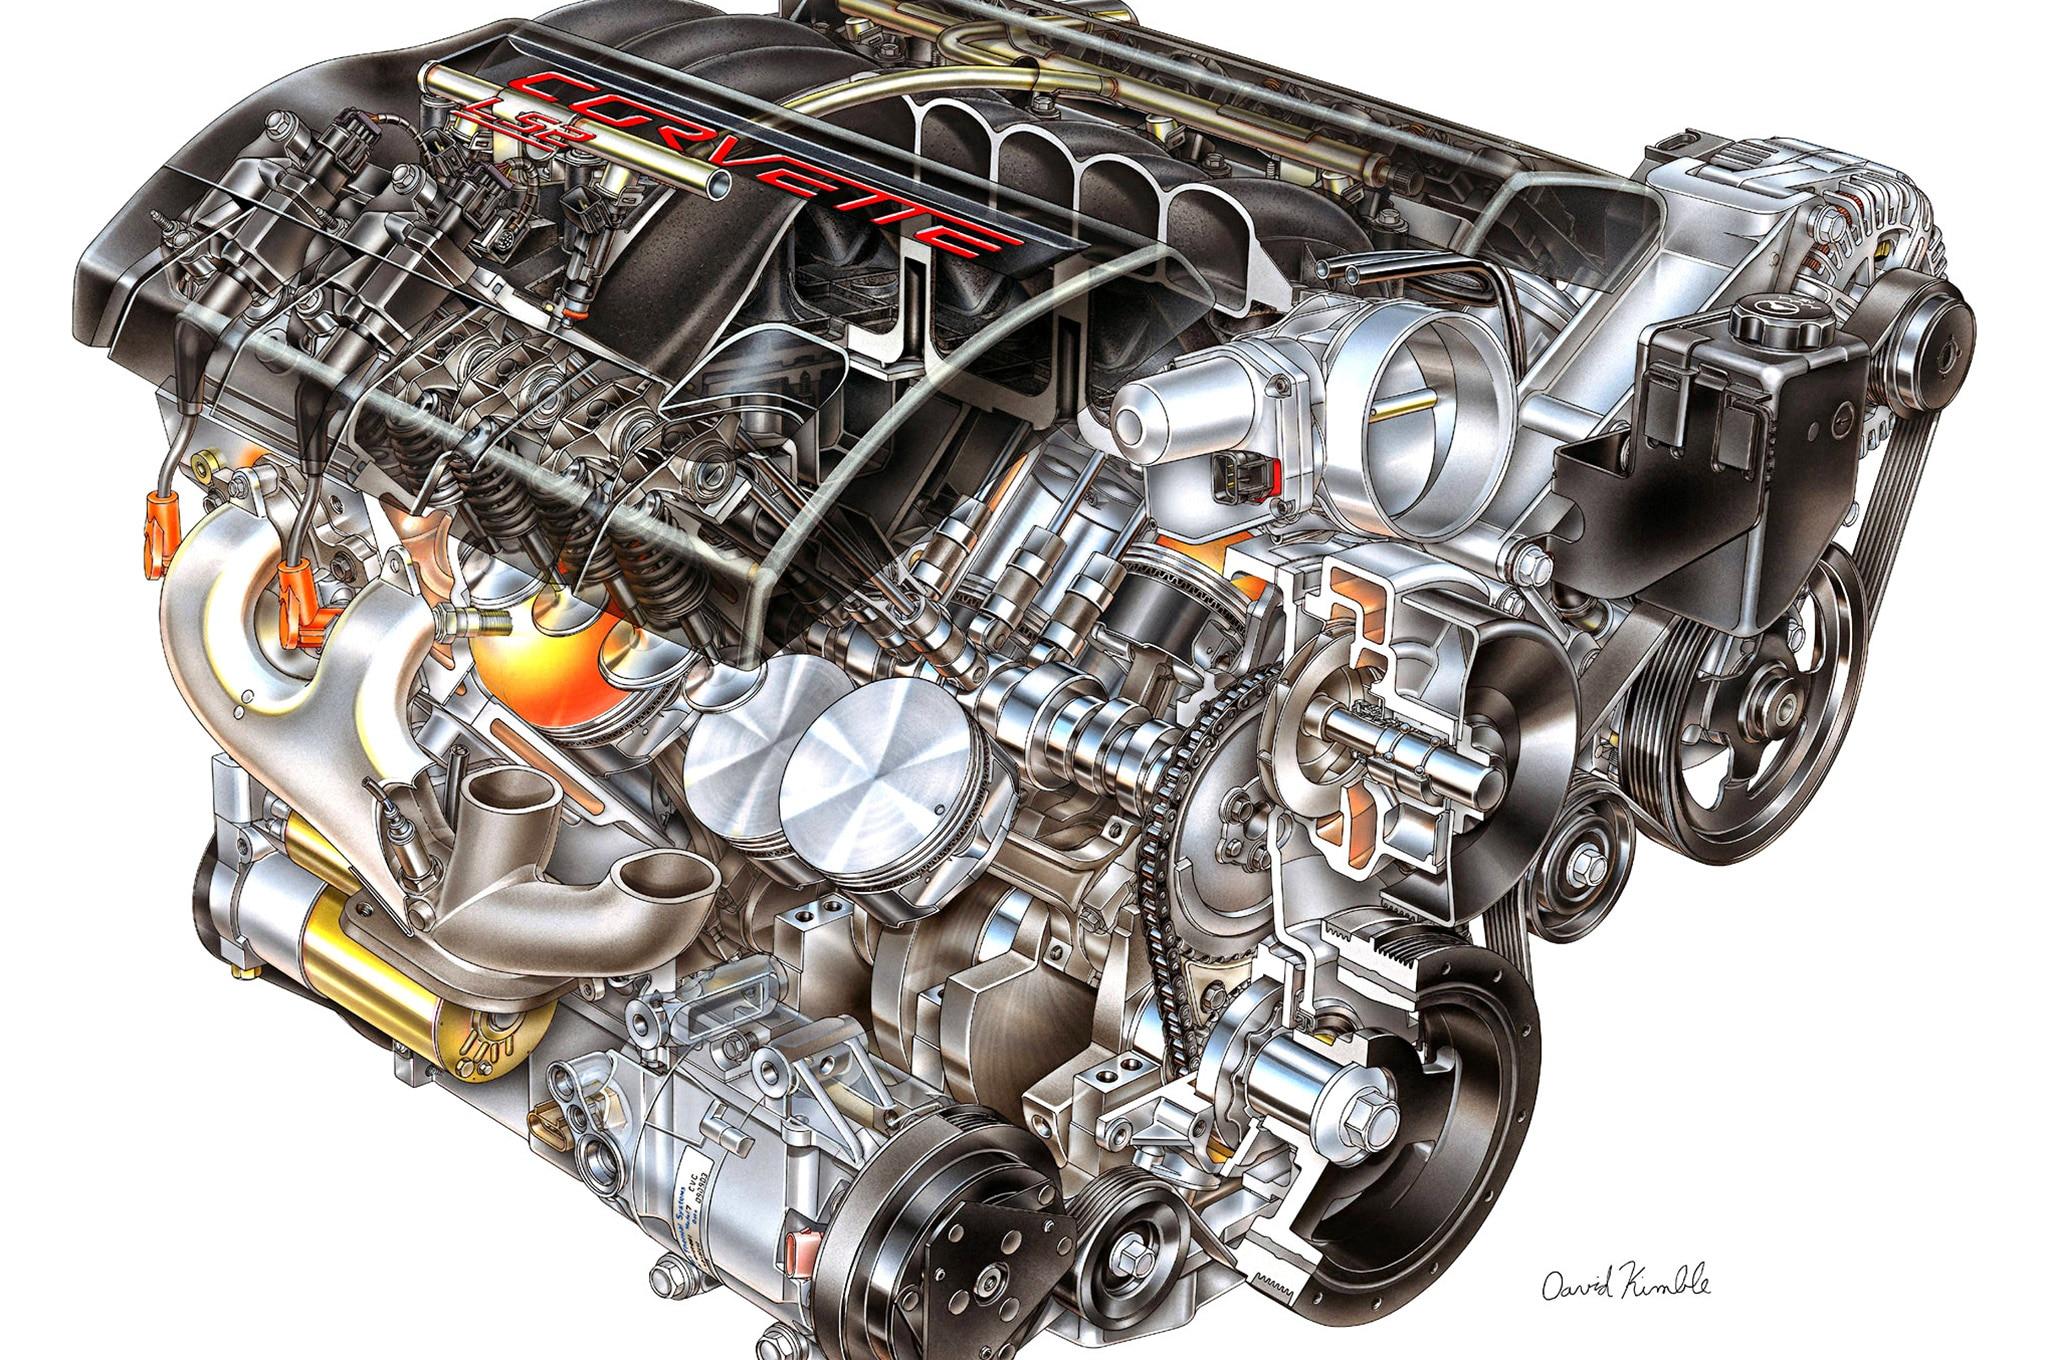 USA 12 pc LS Engine Stand Bolt Kit LSX LS LS1 4.8L 5.3L 6.0L 6.2L